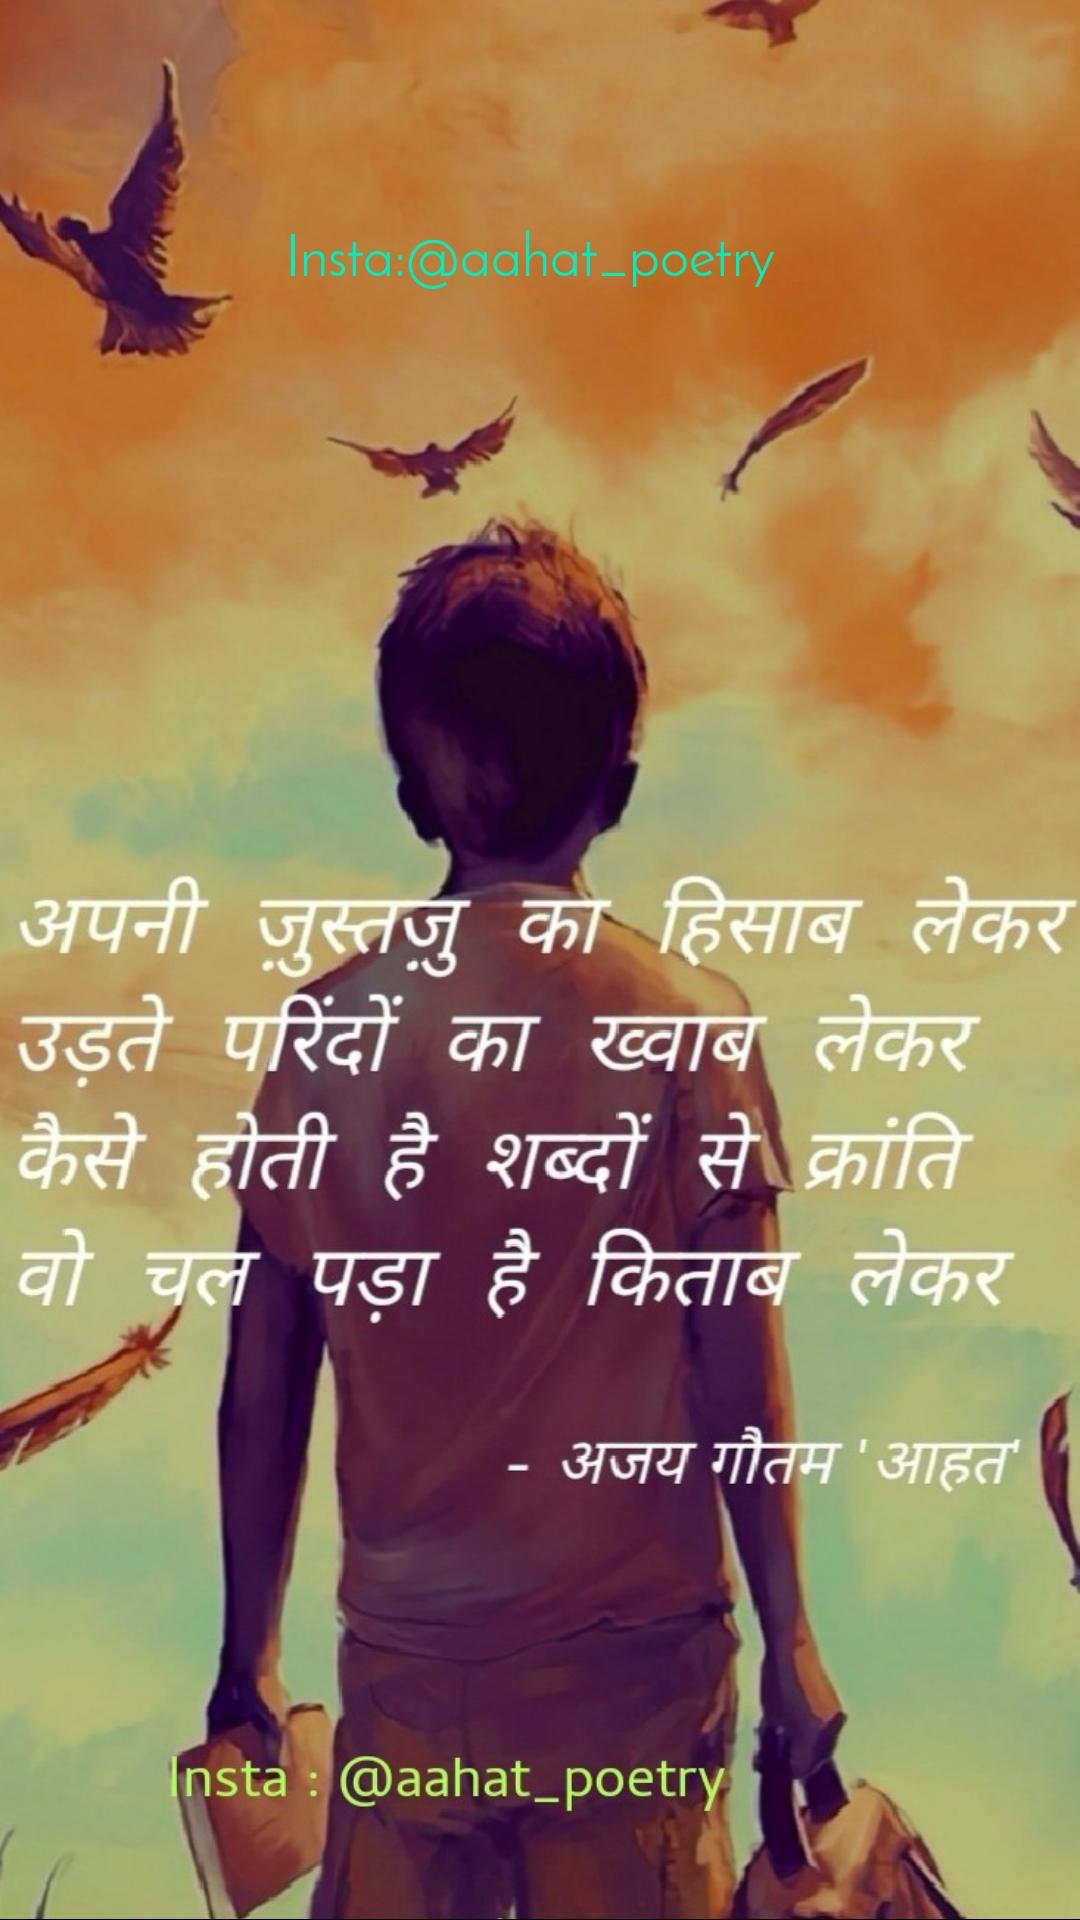 Insta:@aahat_poetry